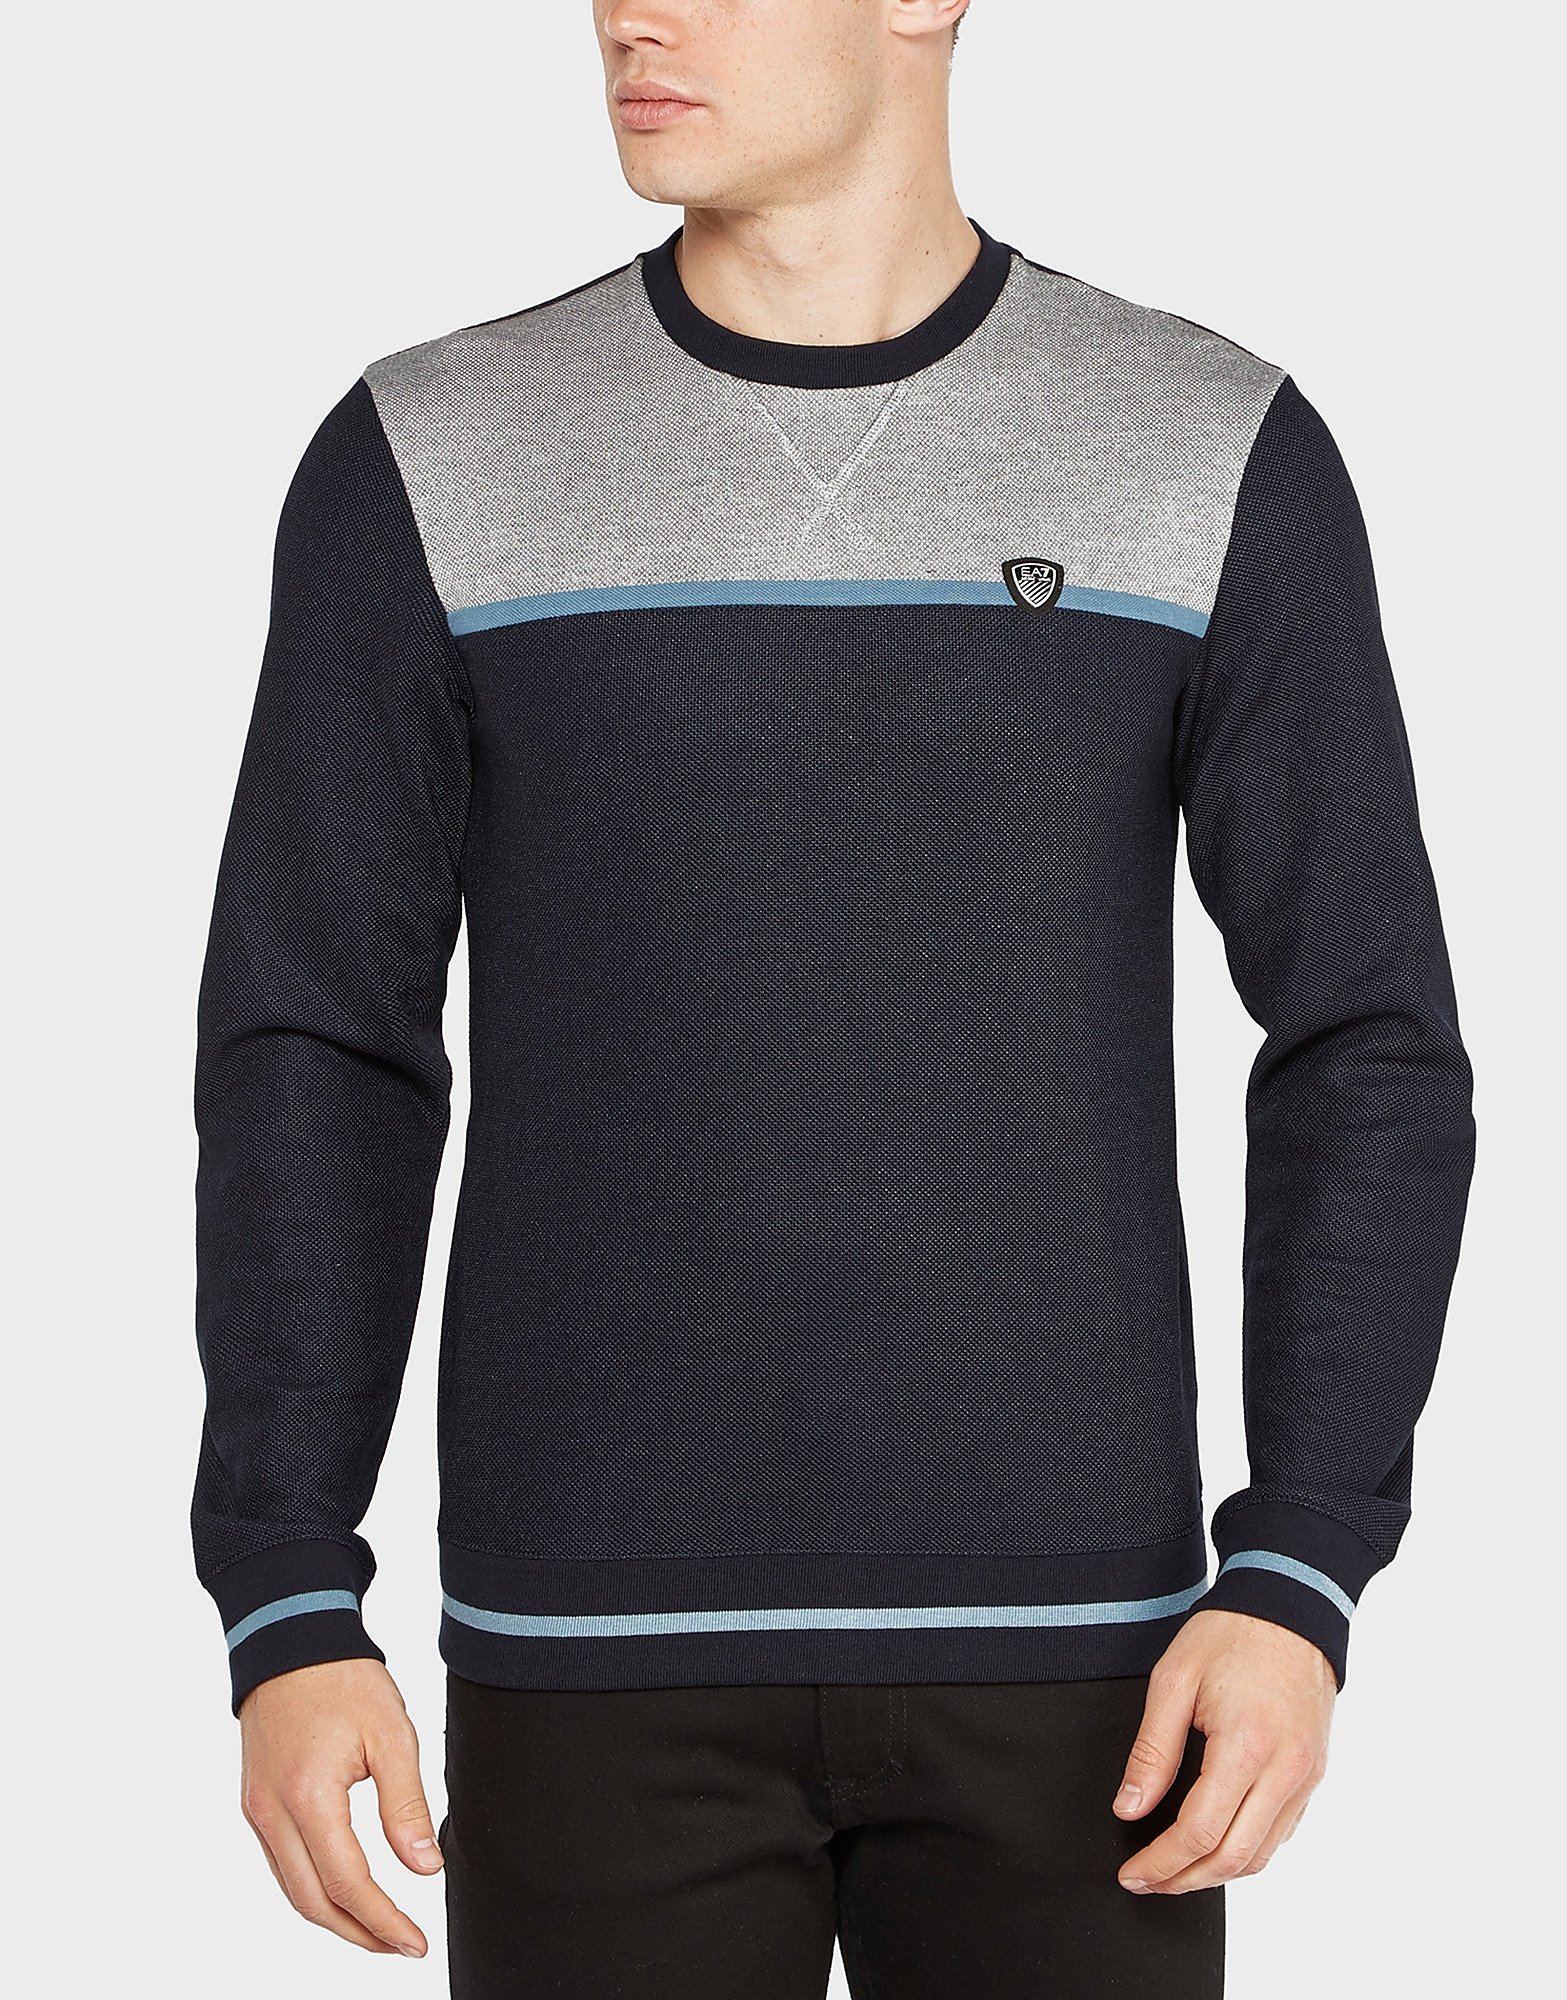 Emporio Armani EA7 Tennis Pique Crew Sweatshirt